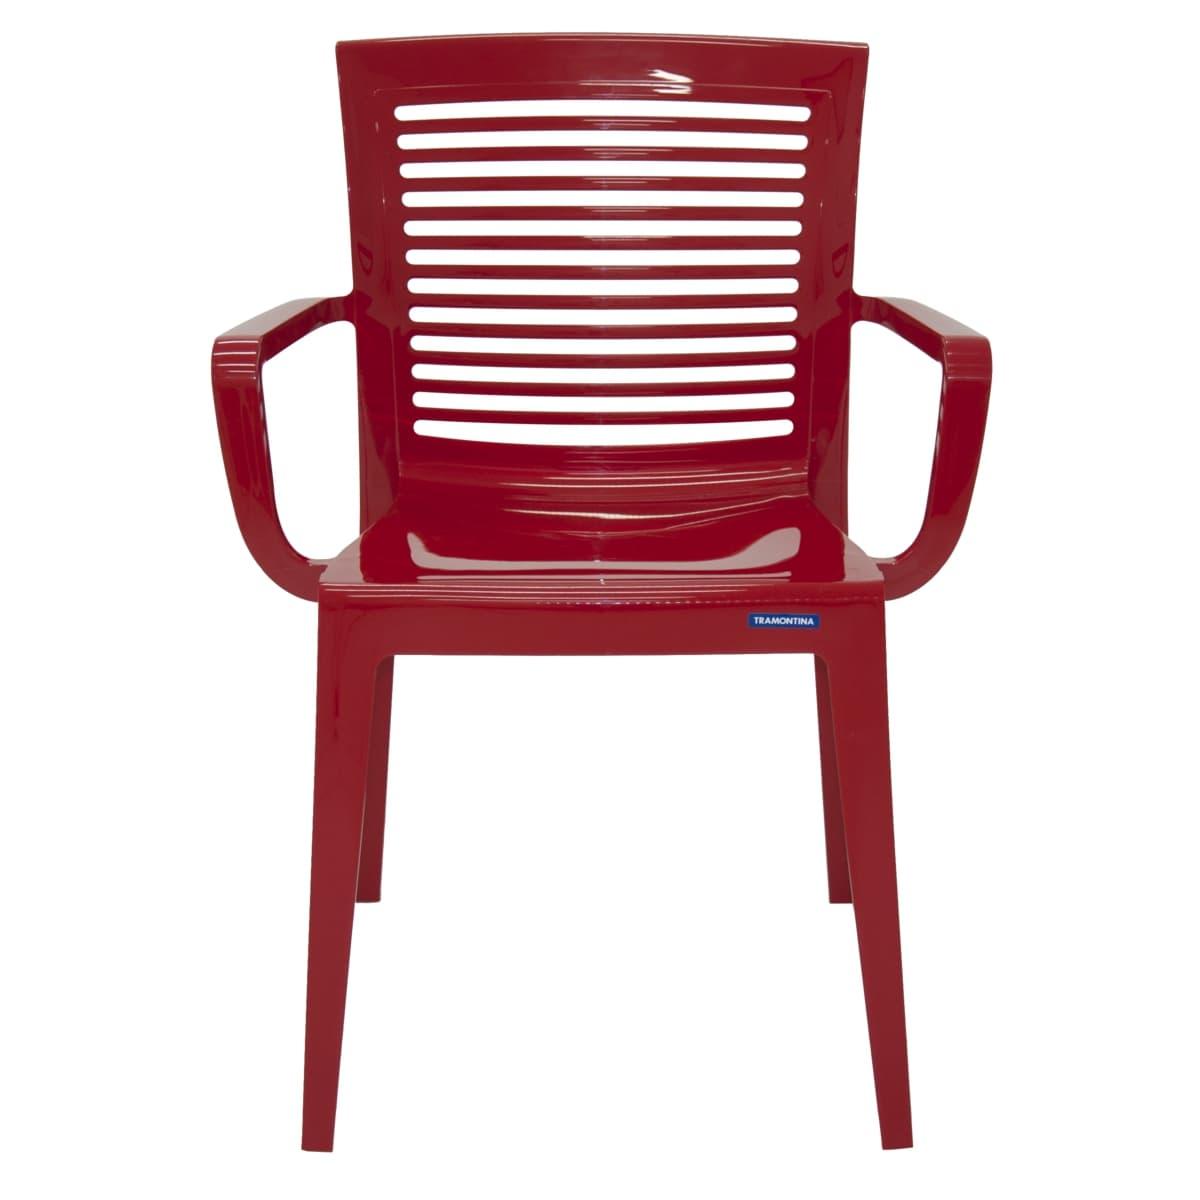 Cadeira Moderna Com Braços e Encosto Vazado - Tramontina Victória - Vermelho